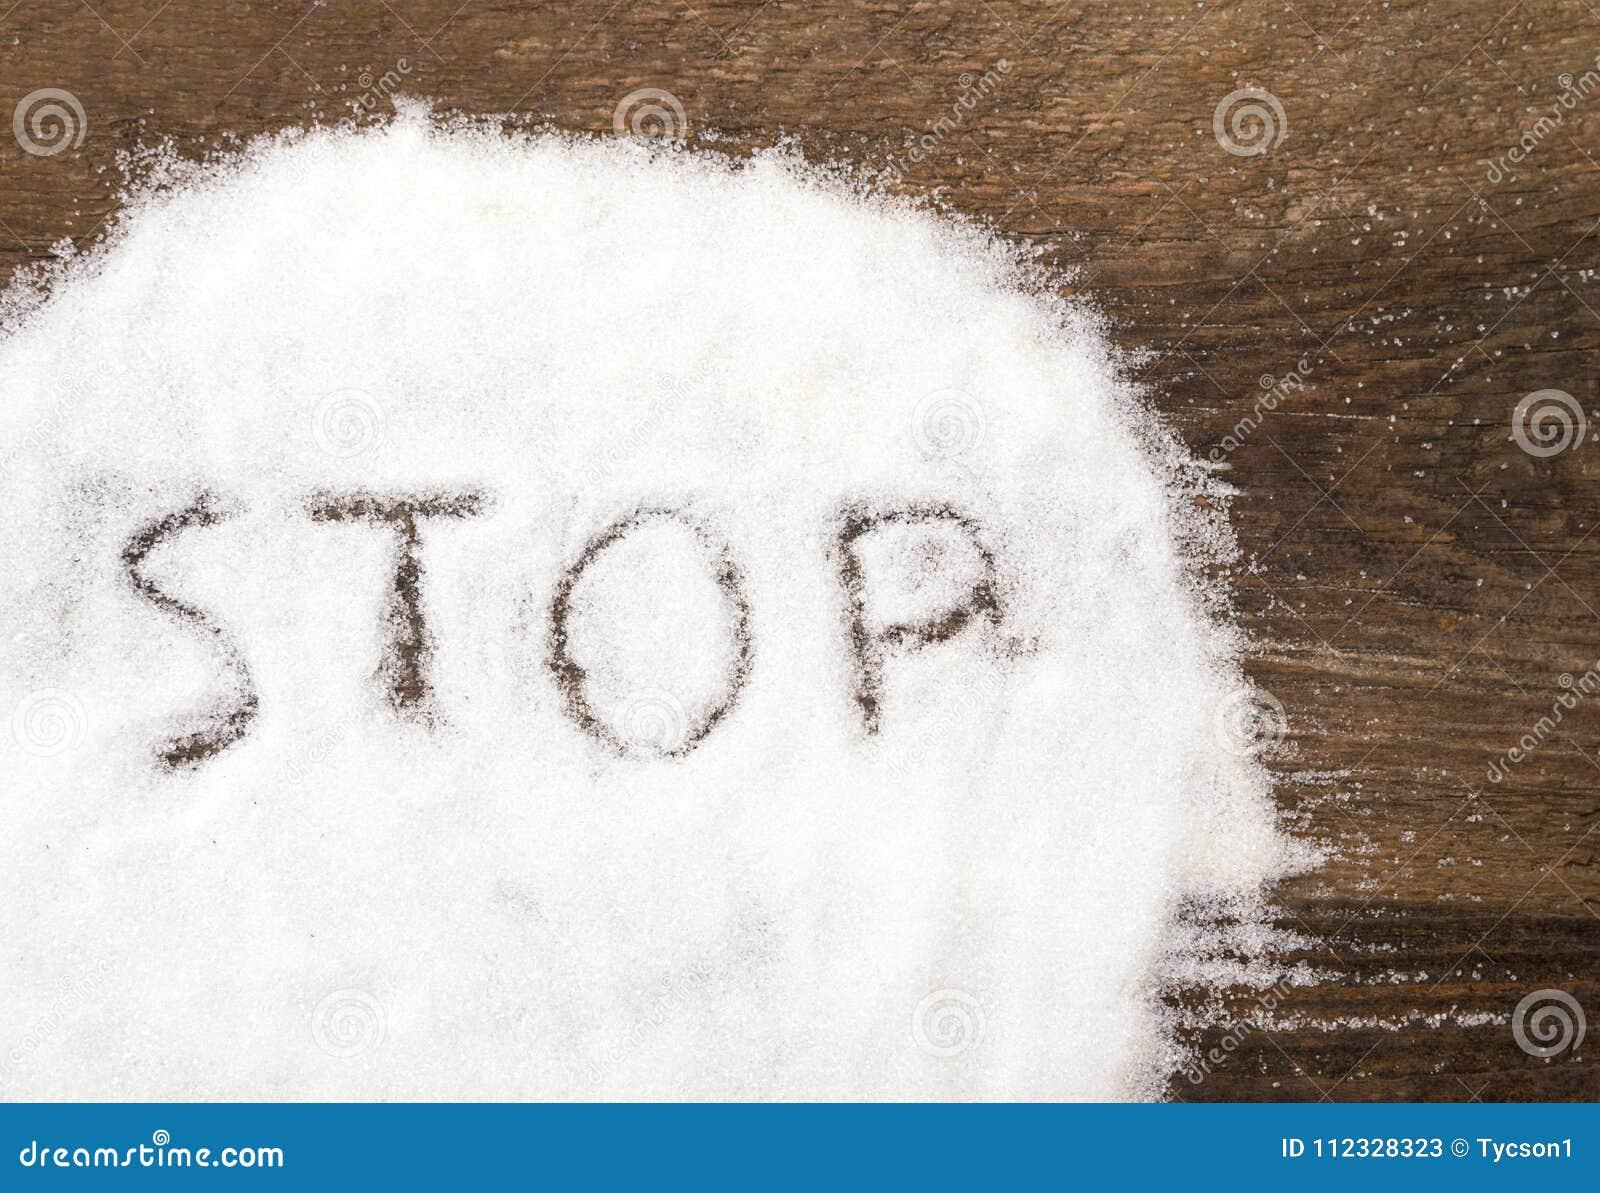 Stoppa tecknet som göras av grynigt socker